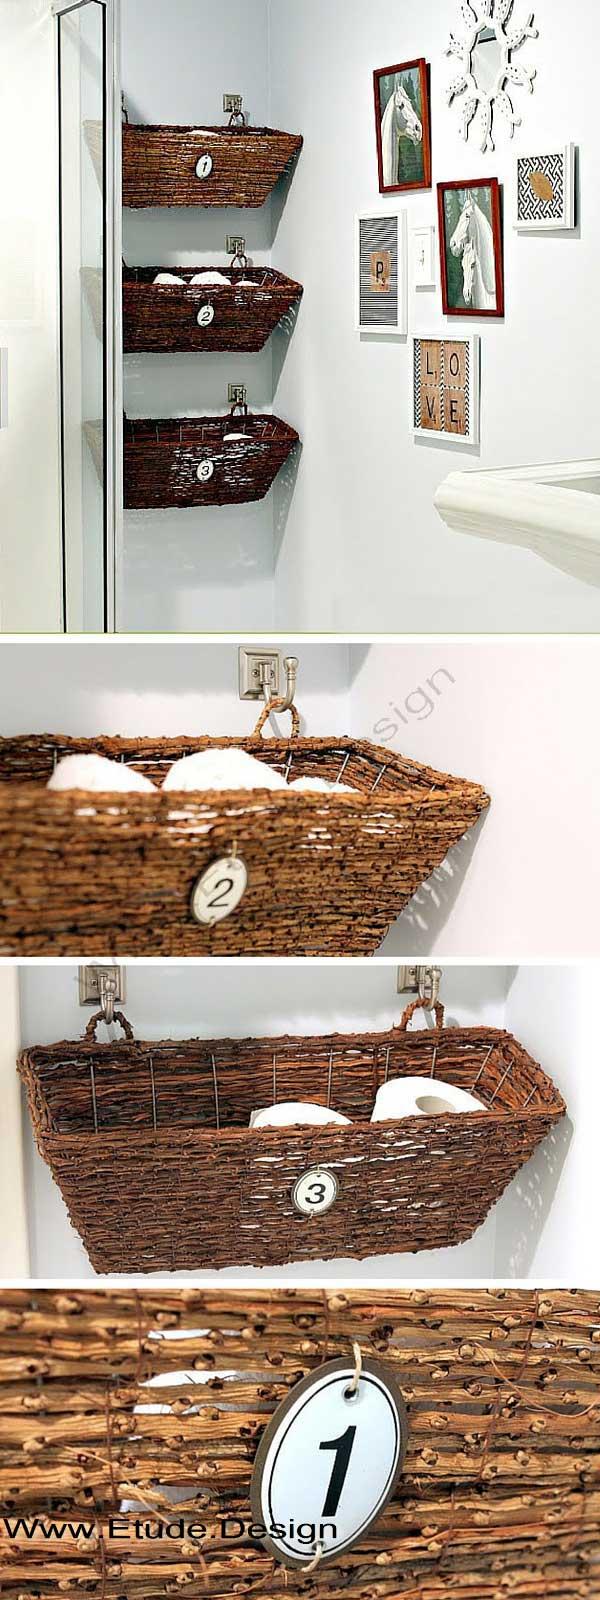 تزیین سرویس بهداشتی حمام